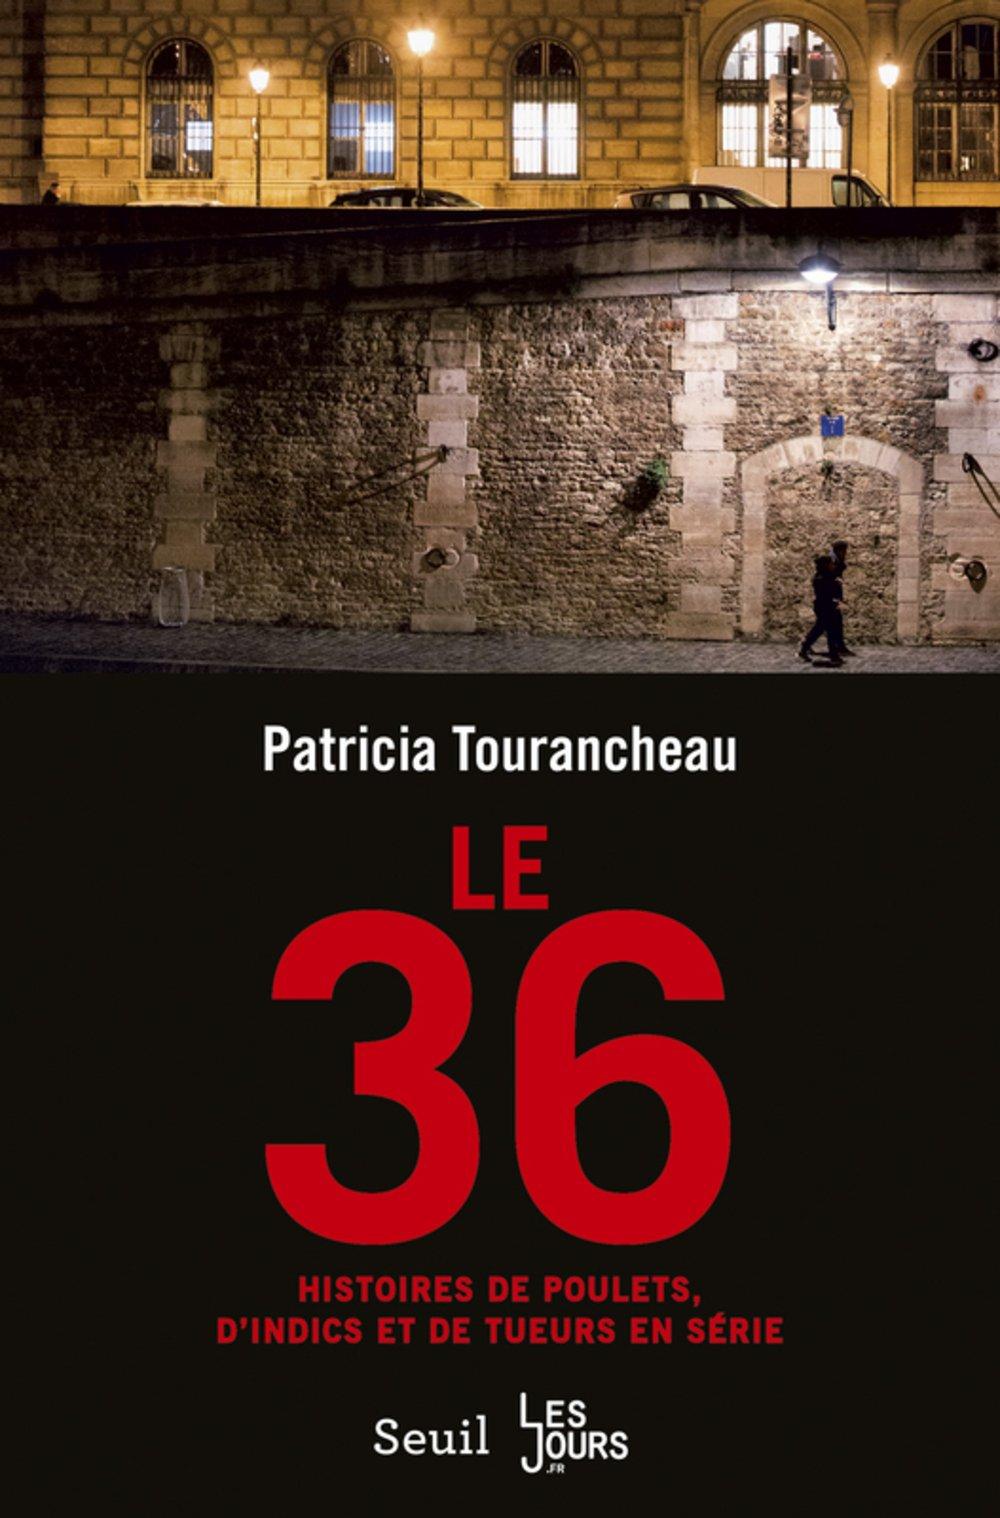 Le 36 de Patricia Tourancheau